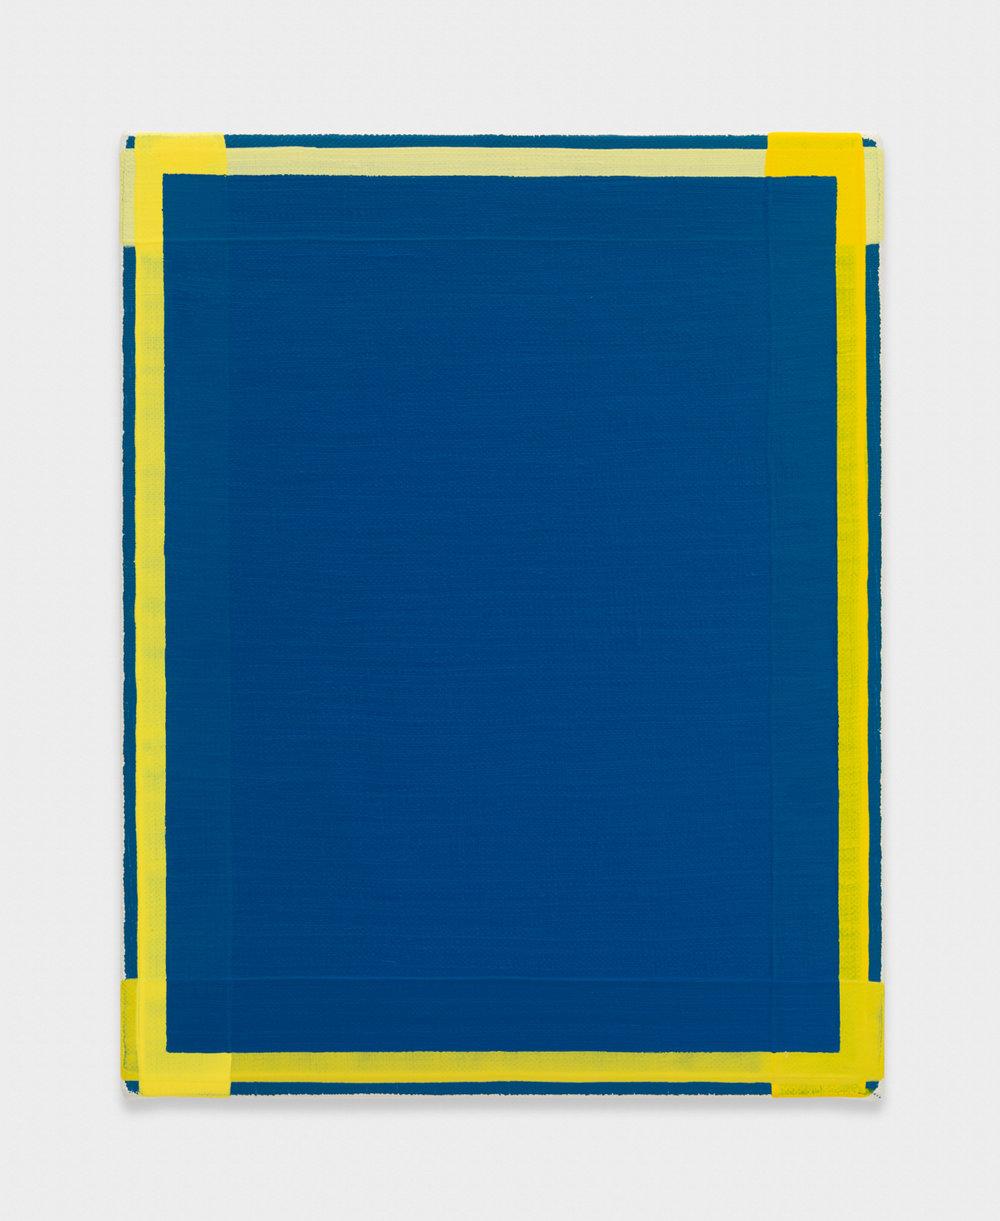 Yui Yaegashi yellow 2017 Oil on canvas 9 5/8h x 7 1/2w in 24.45h x 19.05w cm YY105